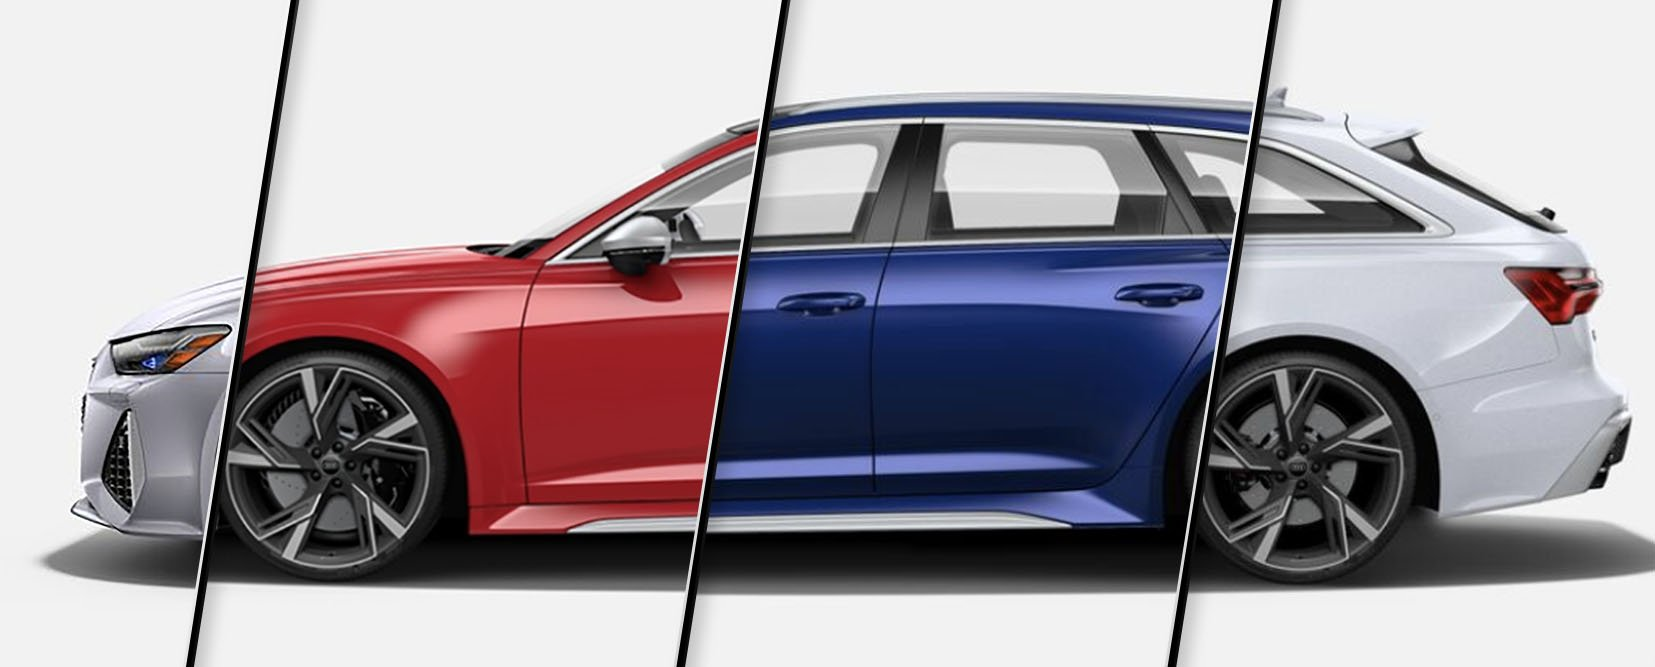 Audi RS 6 Avant Colors and Trims